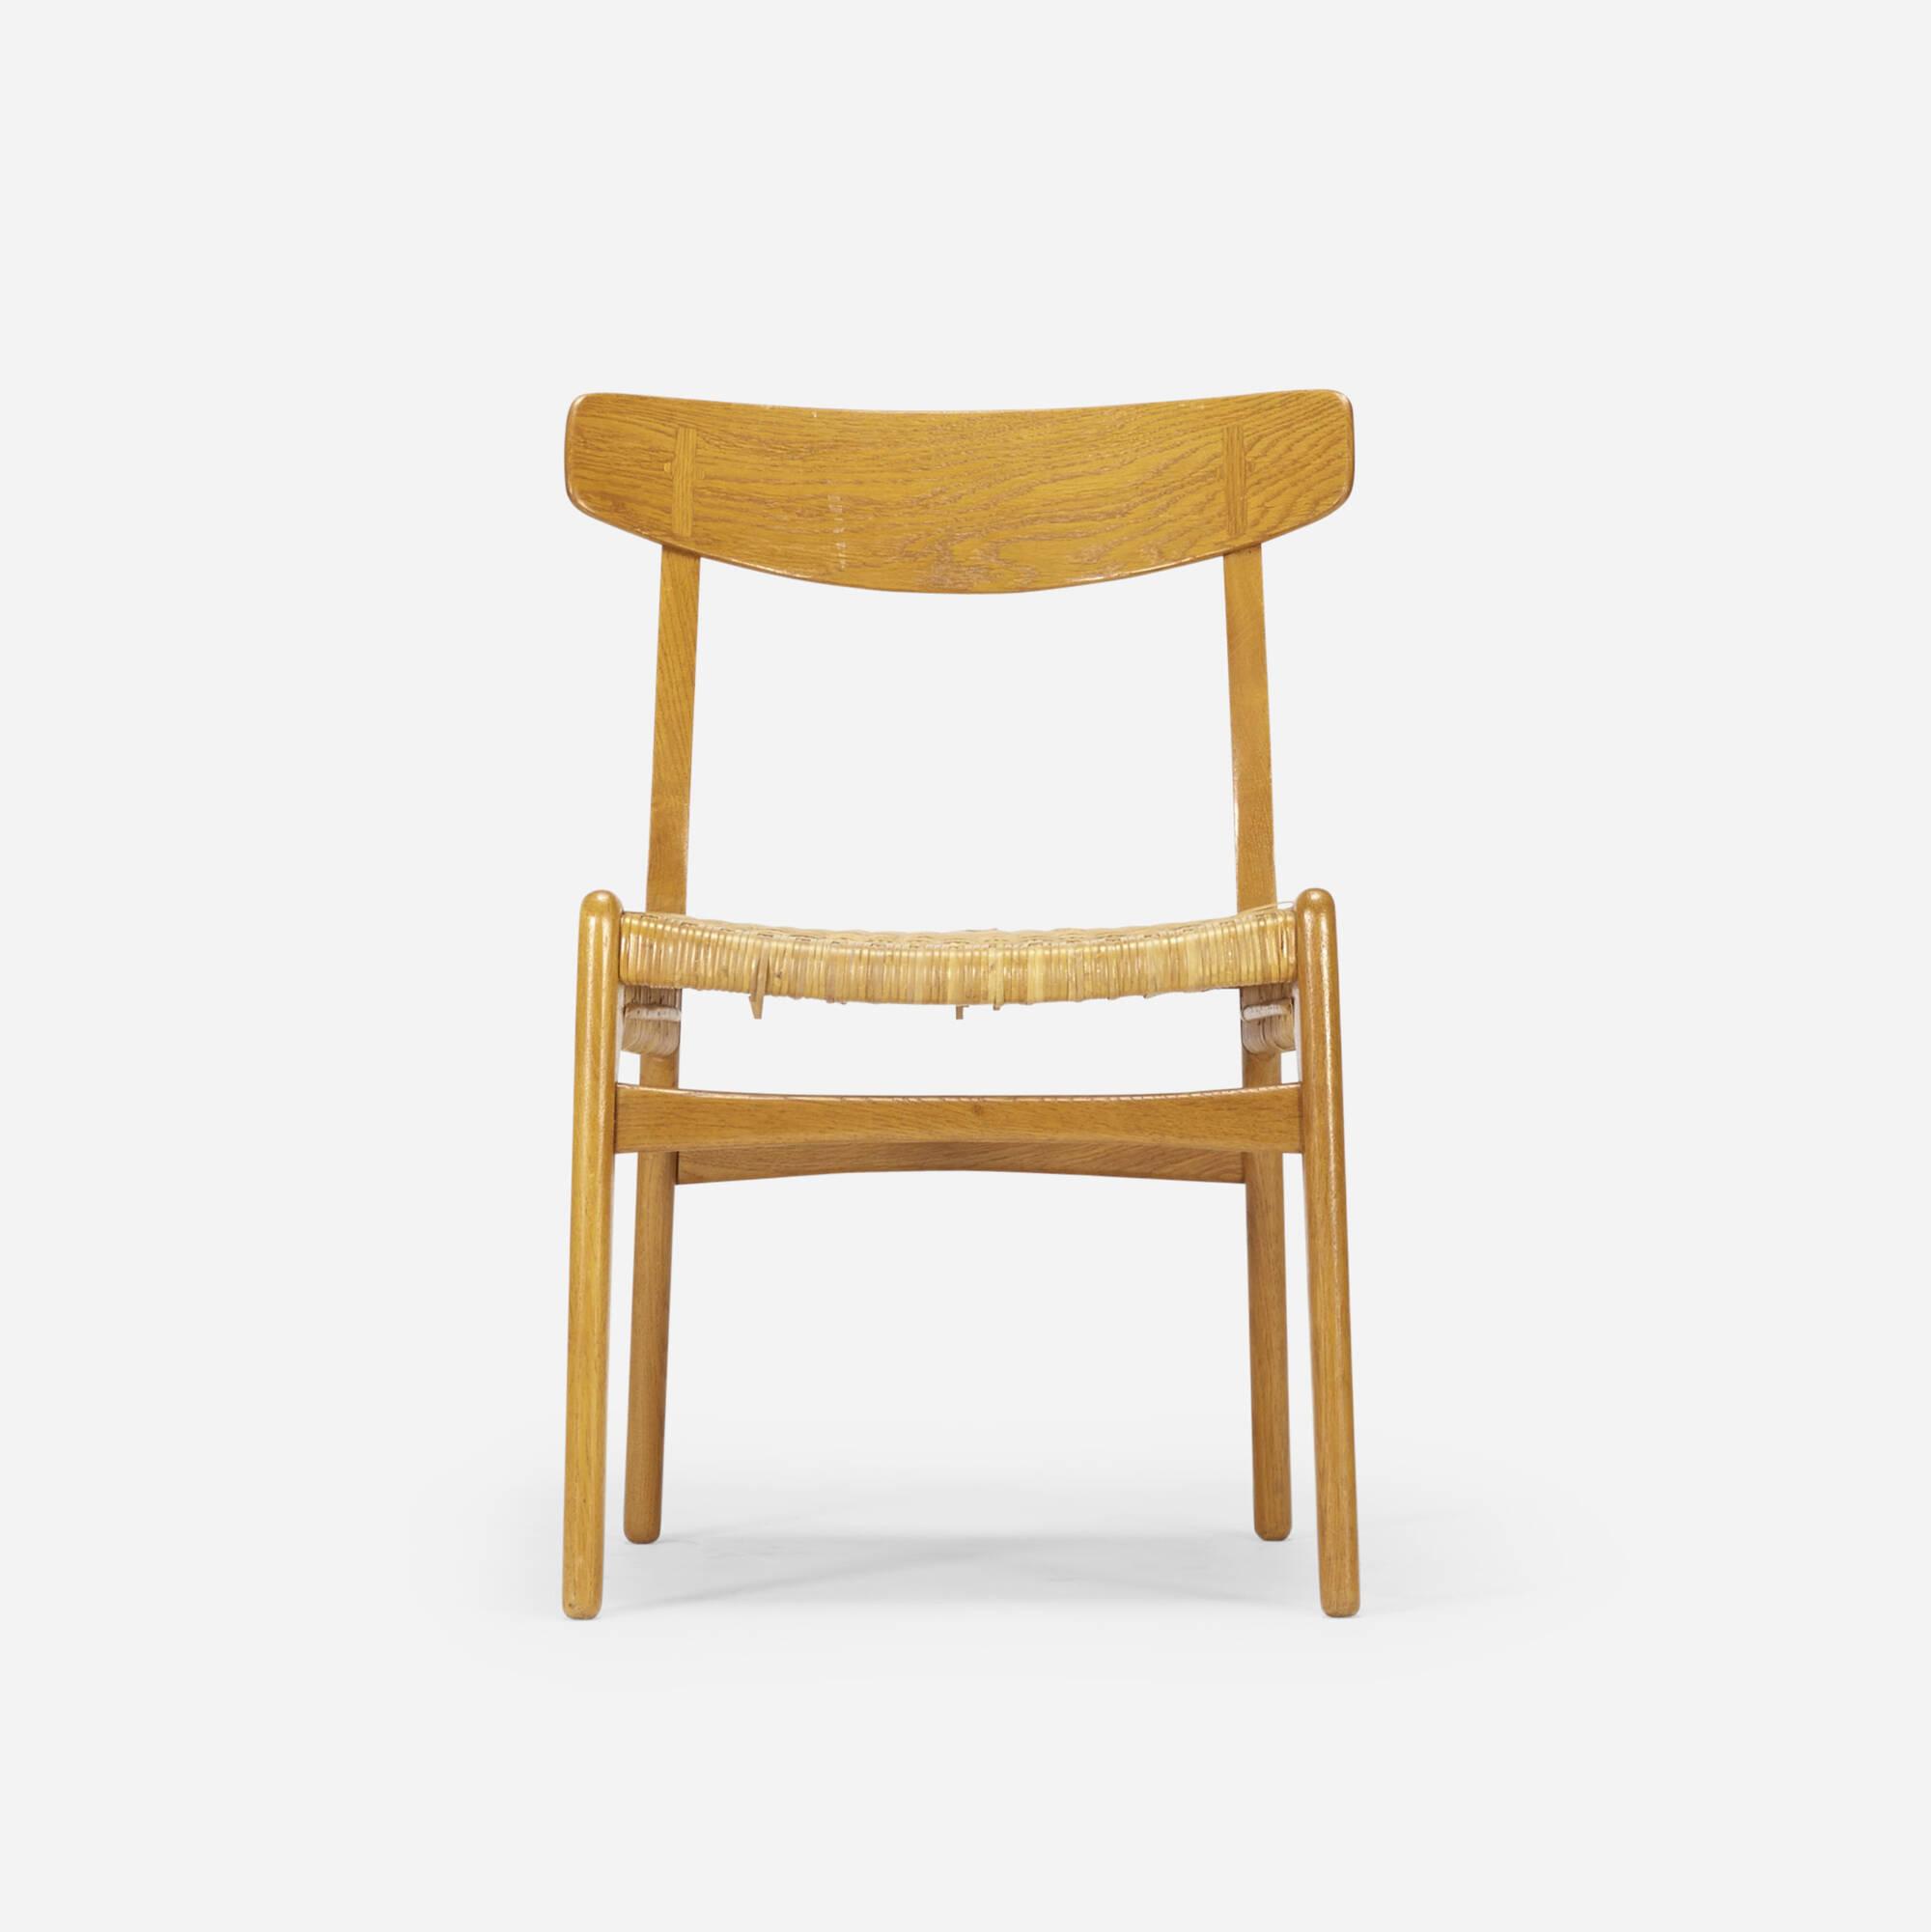 790: Hans J. Wegner / dining chair, model CH23 (2 of 4)